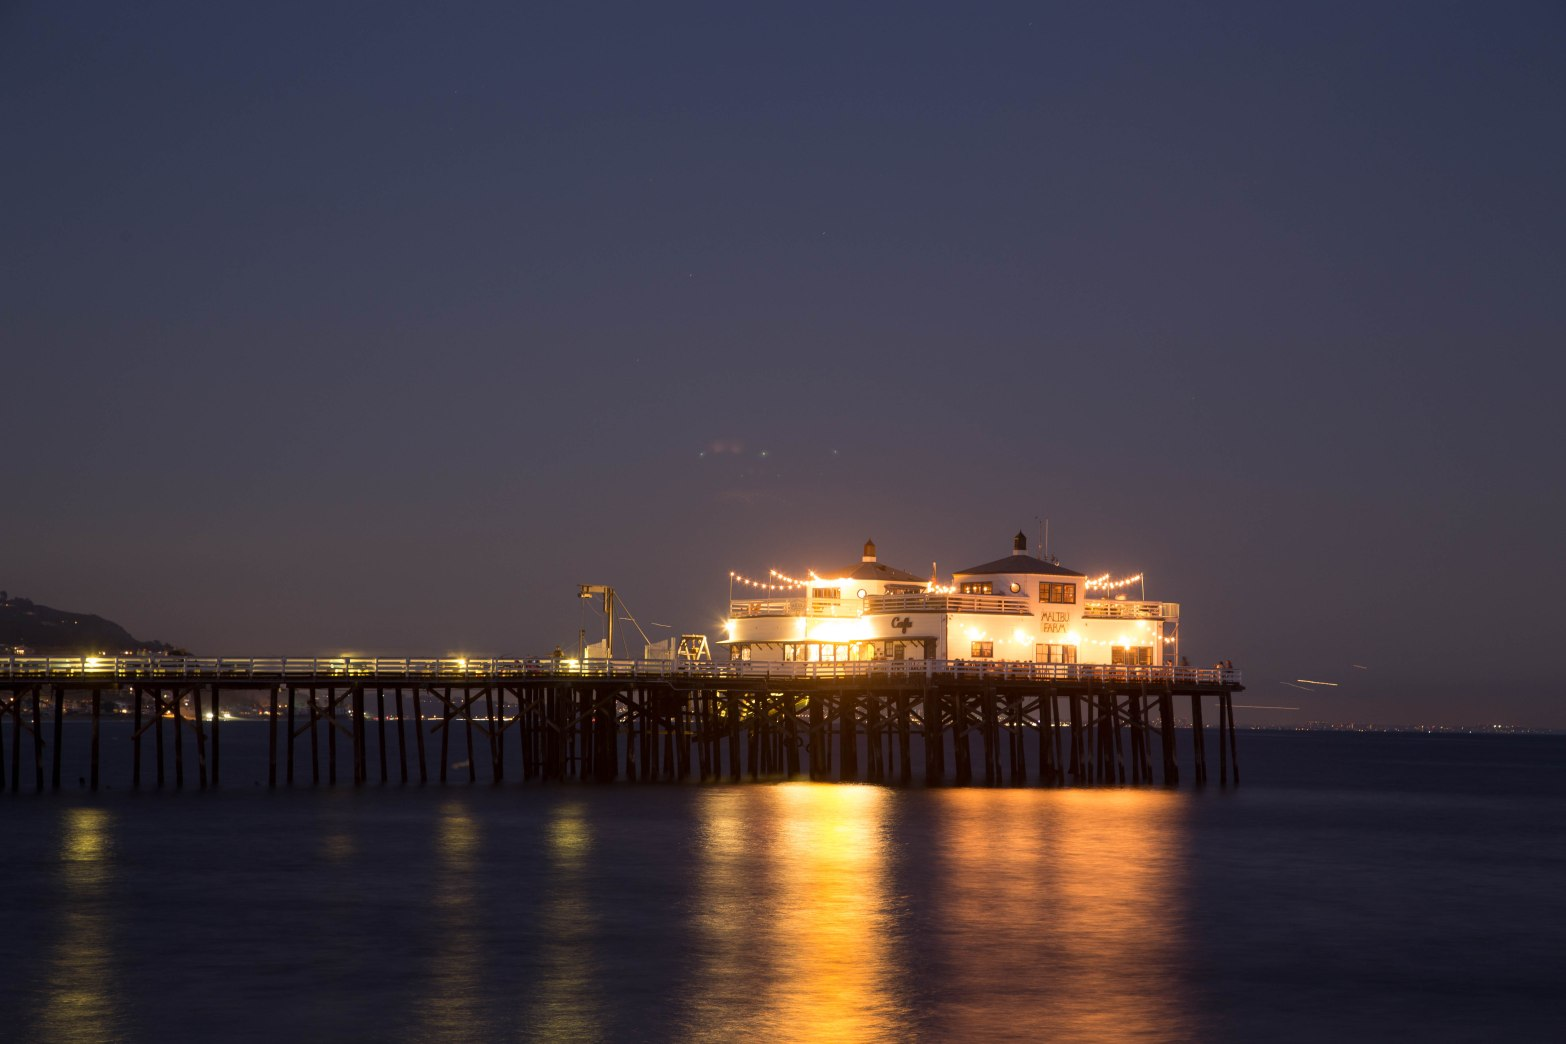 Day 125 Malibu Pier-0001-2